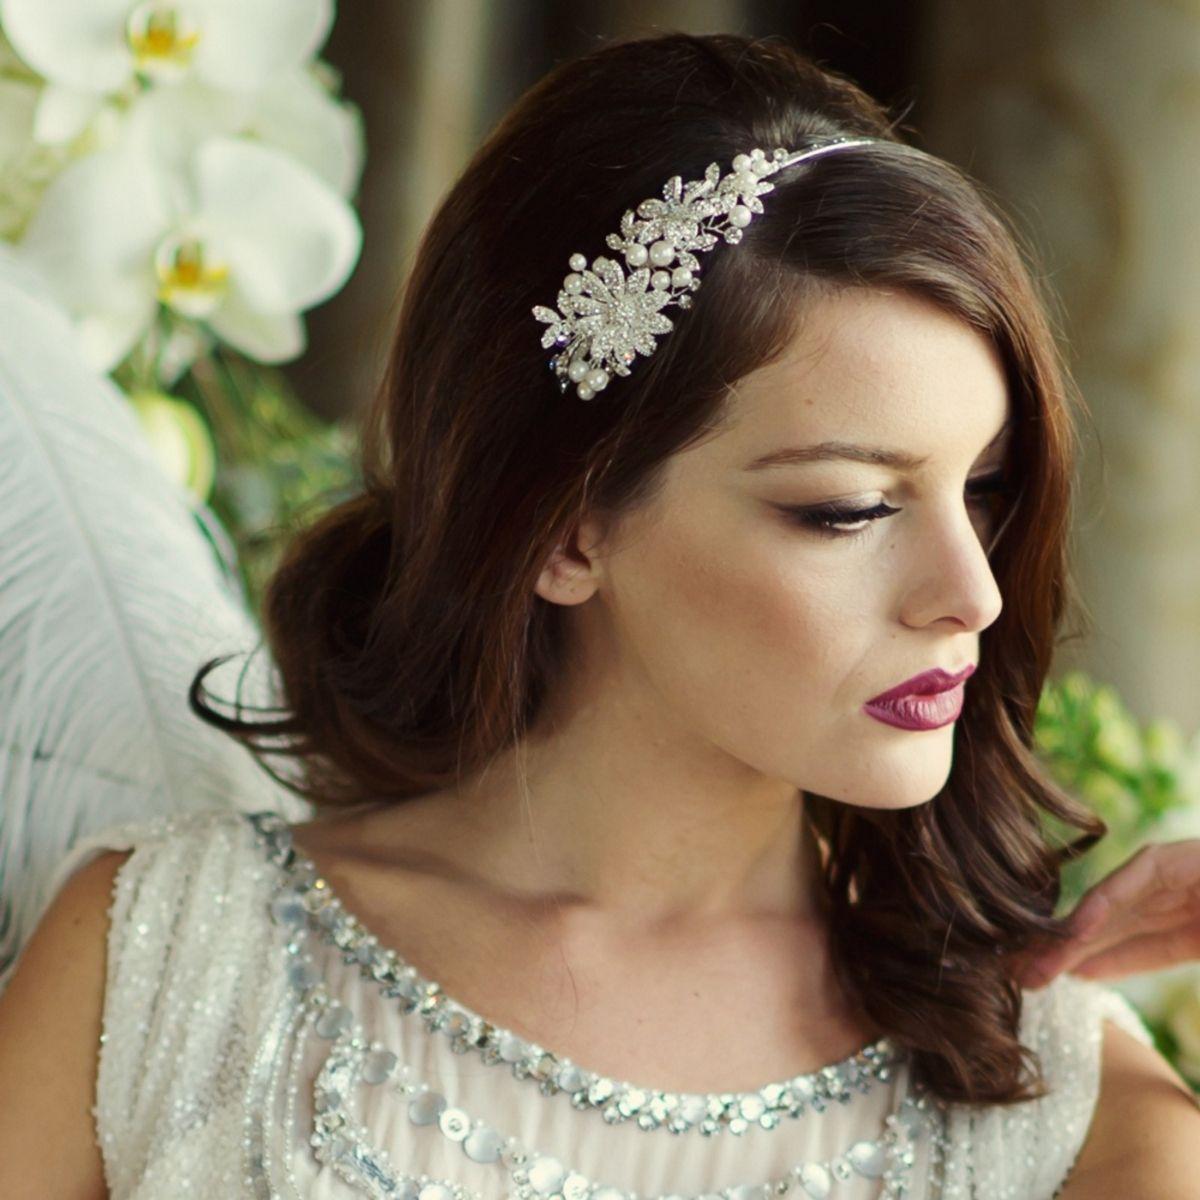 Aye Do Ltd Scarlett Wedding Side Tiara Hdb9 Awj 84 00